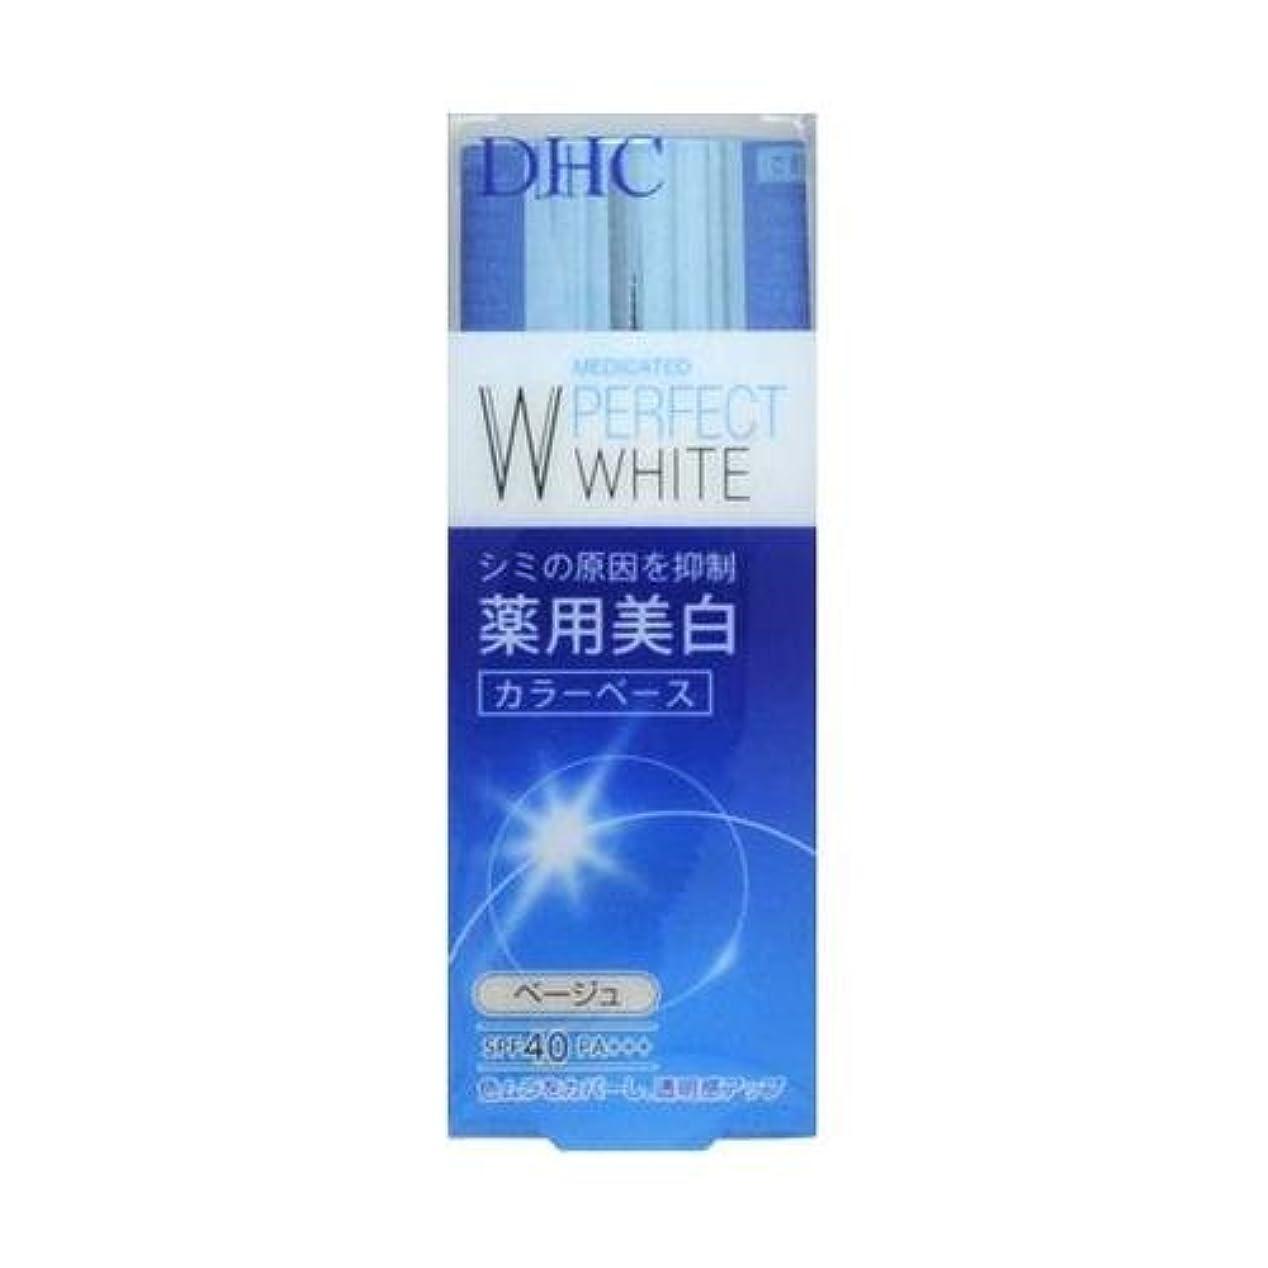 トロリーバス文庫本聖域DHC 薬用パーフェクトホワイト カラーベース アプリコット 30g(医薬部外品)